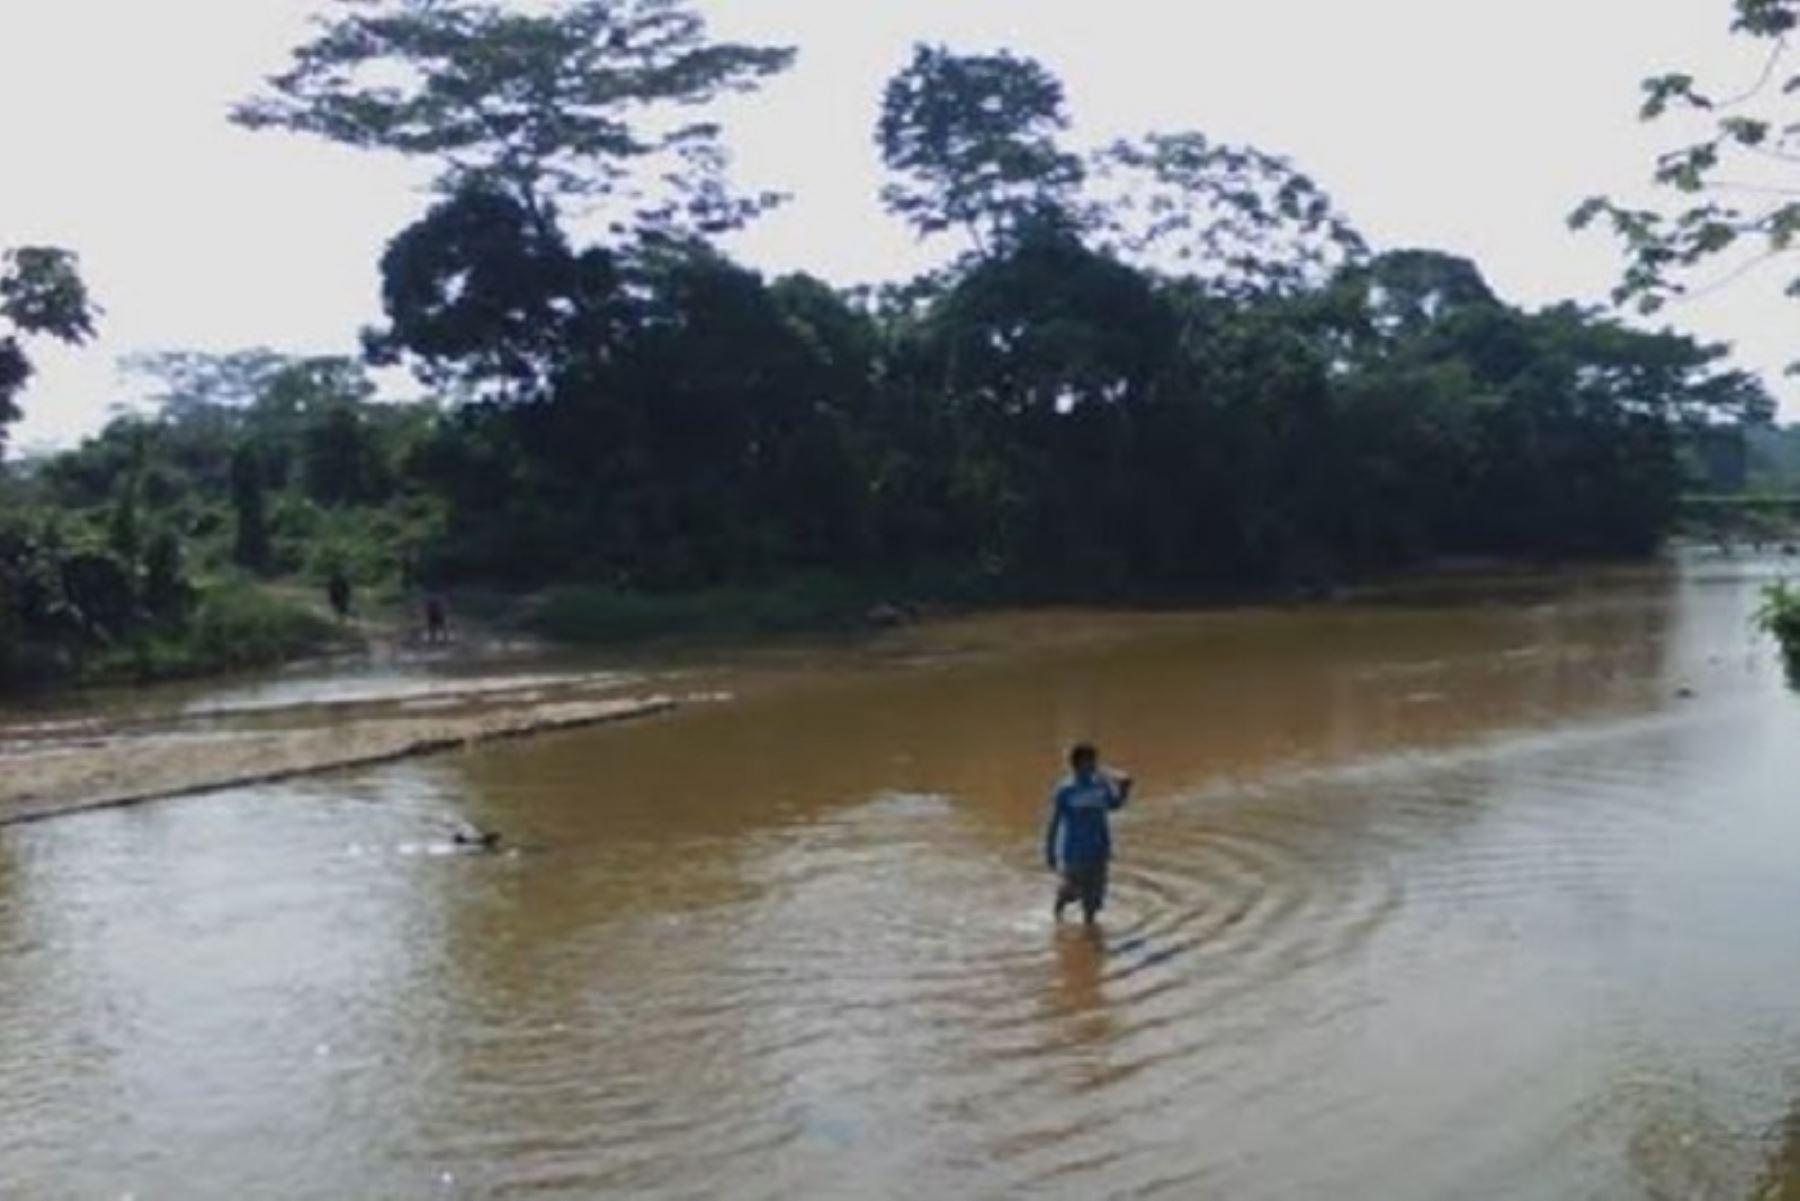 En las últimas horas, el nivel de agua del río Huallaga en la estación hidrológica Yurimaguas, en la región Loreto, se redujo y pasó del estado de alerta amarilla a naranja, informó la Dirección Zonal 8 del Servicio Nacional de Meteorología e Hidrología (Senamhi). ANDINA/Difusión